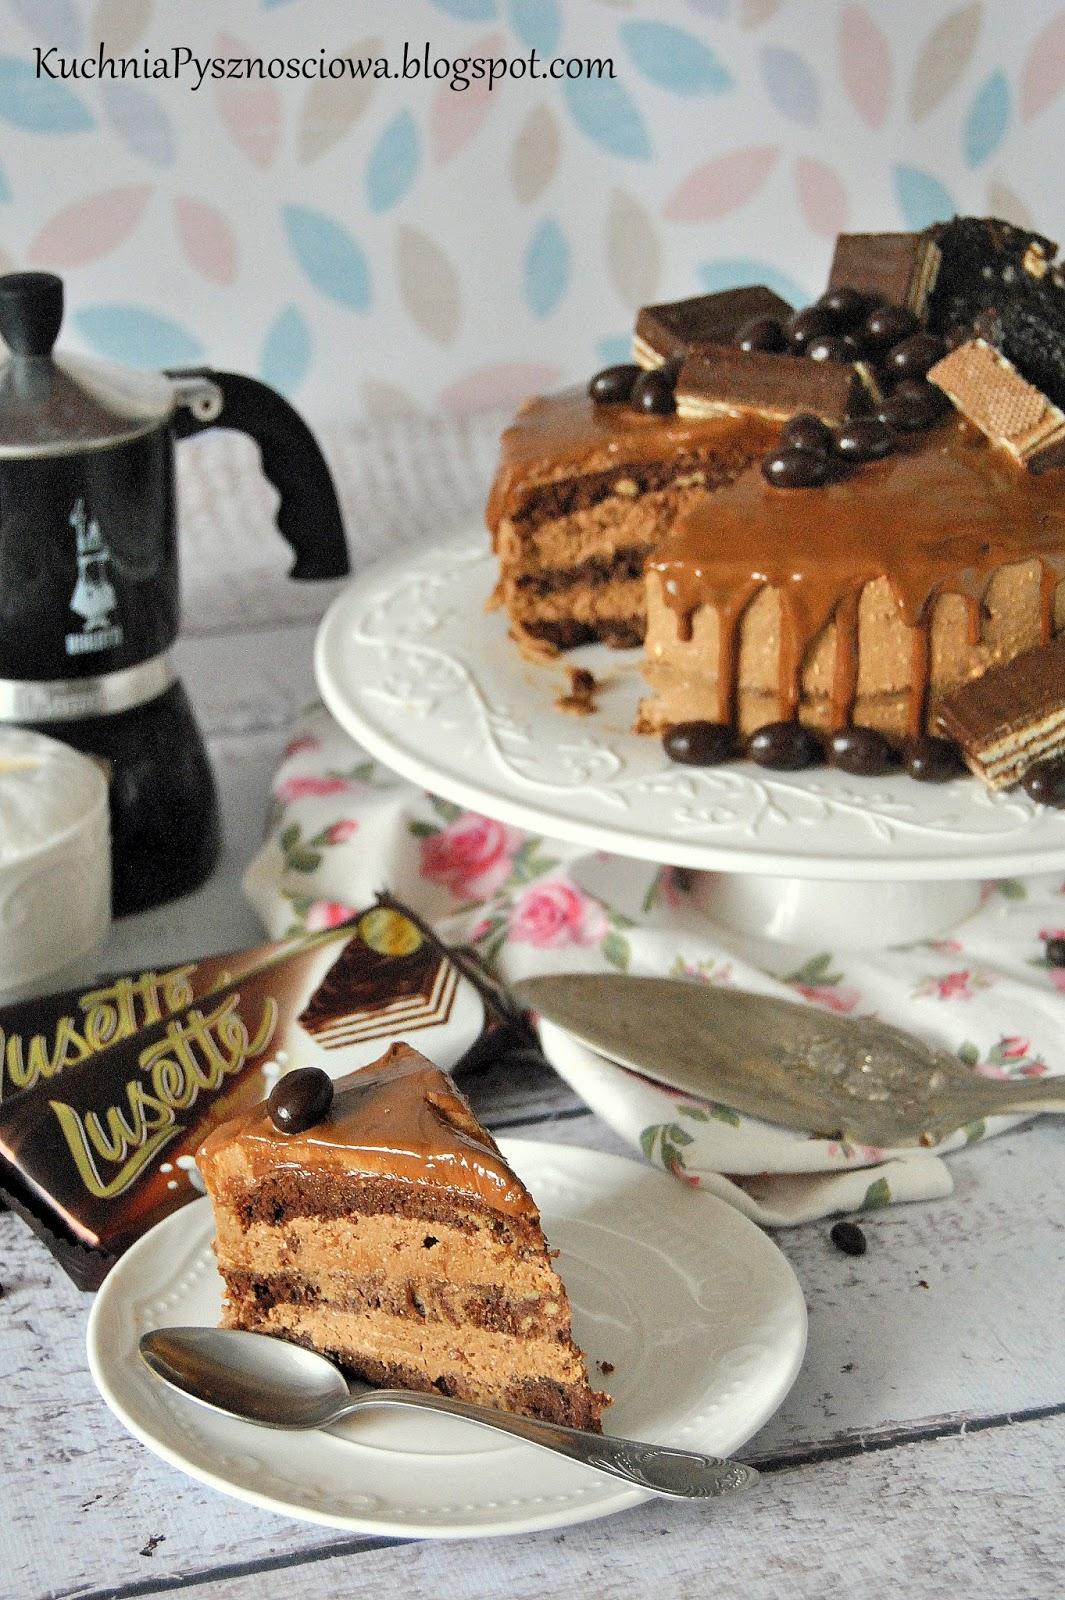 493. Tort kawowy z czekoladą i wafelkami